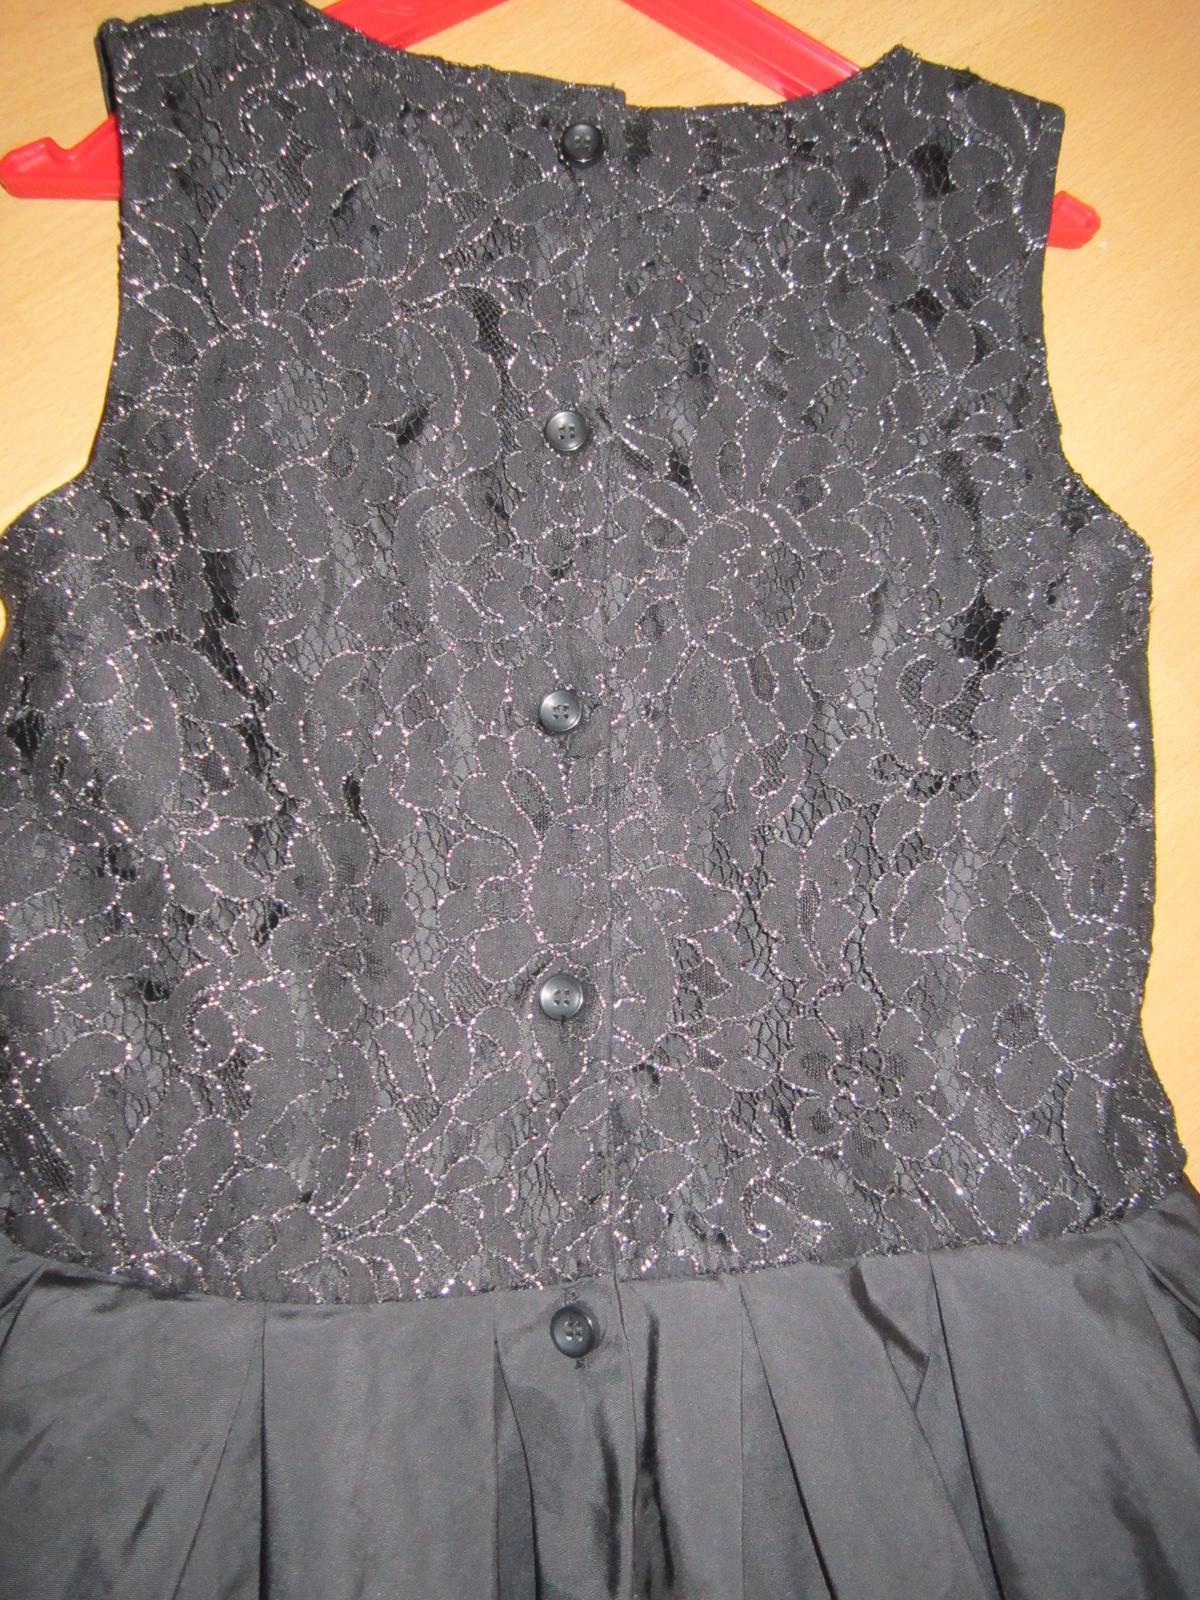 čierne sviatočné šatičky - Obrázok č. 3